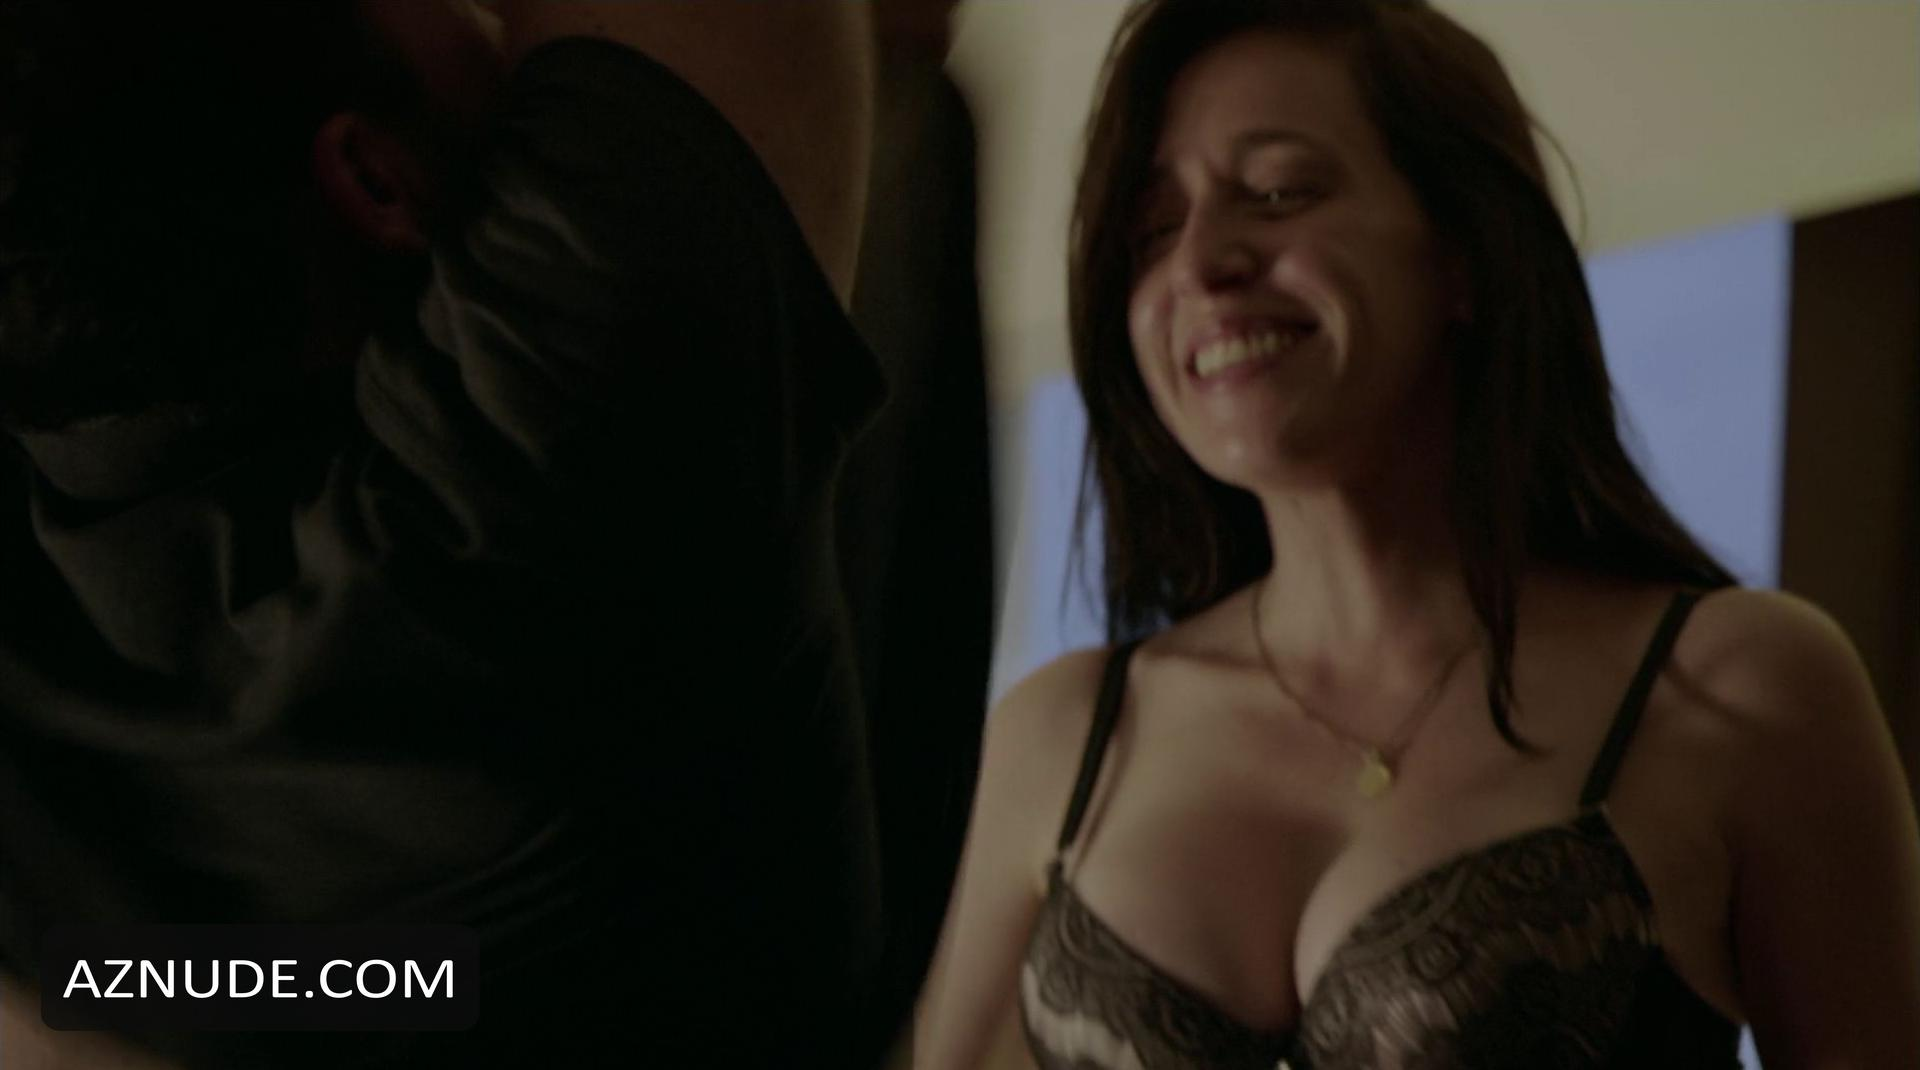 Bintang porn hot xxx